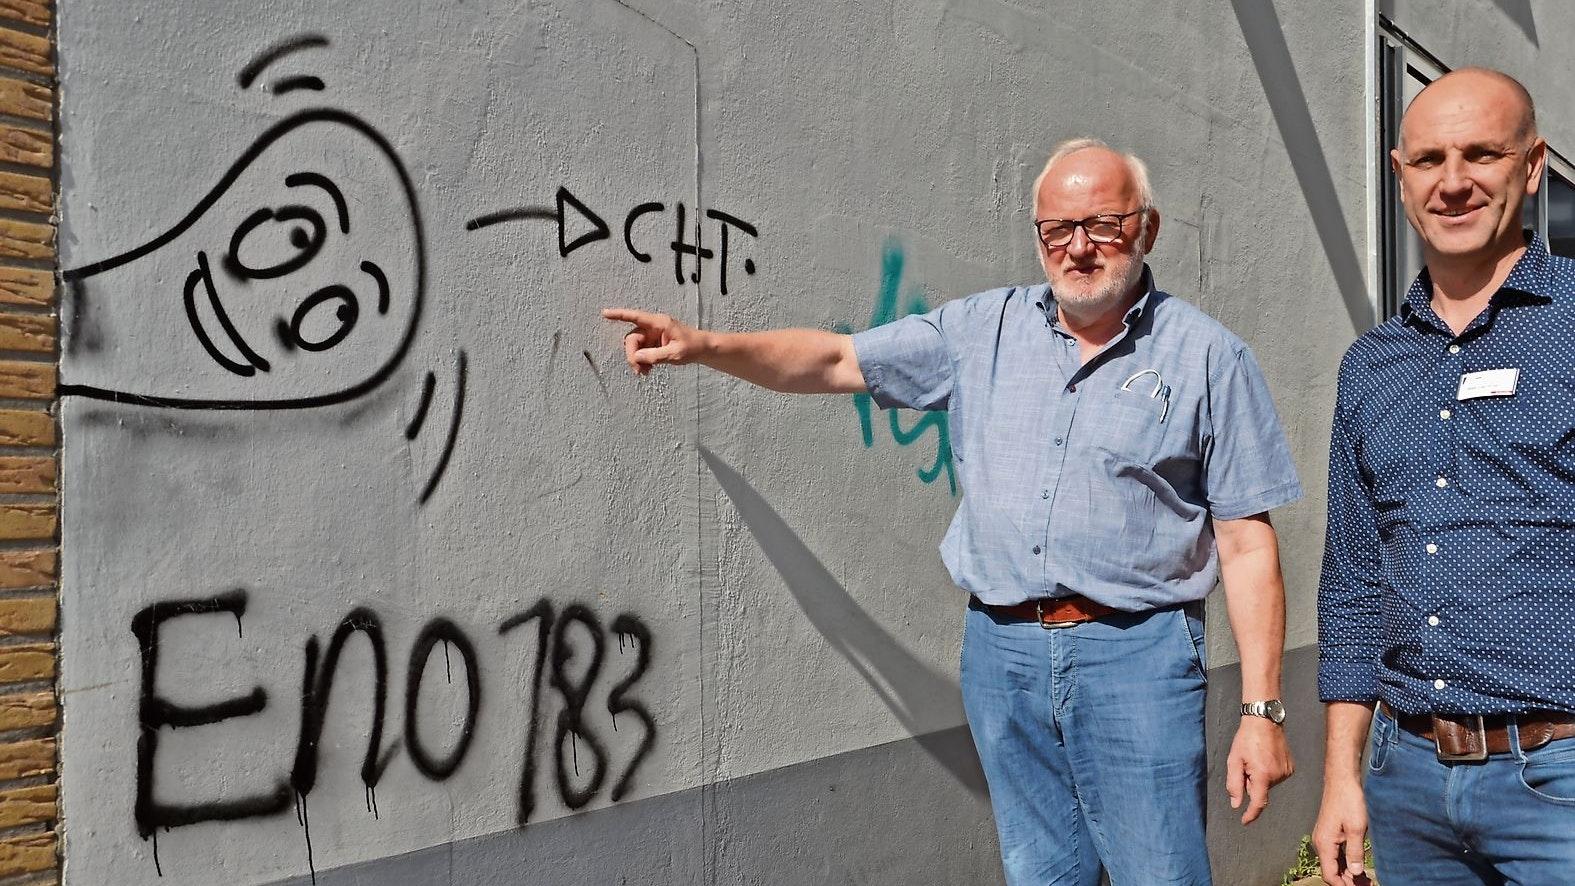 """""""Wilde Schmierereien"""": Die soll es nach dem Projekt """"Urban Art"""" nicht mehr geben. Hubert Kulgemeyer (links) und Oskar Laschinski holen professionelle Sprayer in die Stadt. Foto: Bernd Götting"""